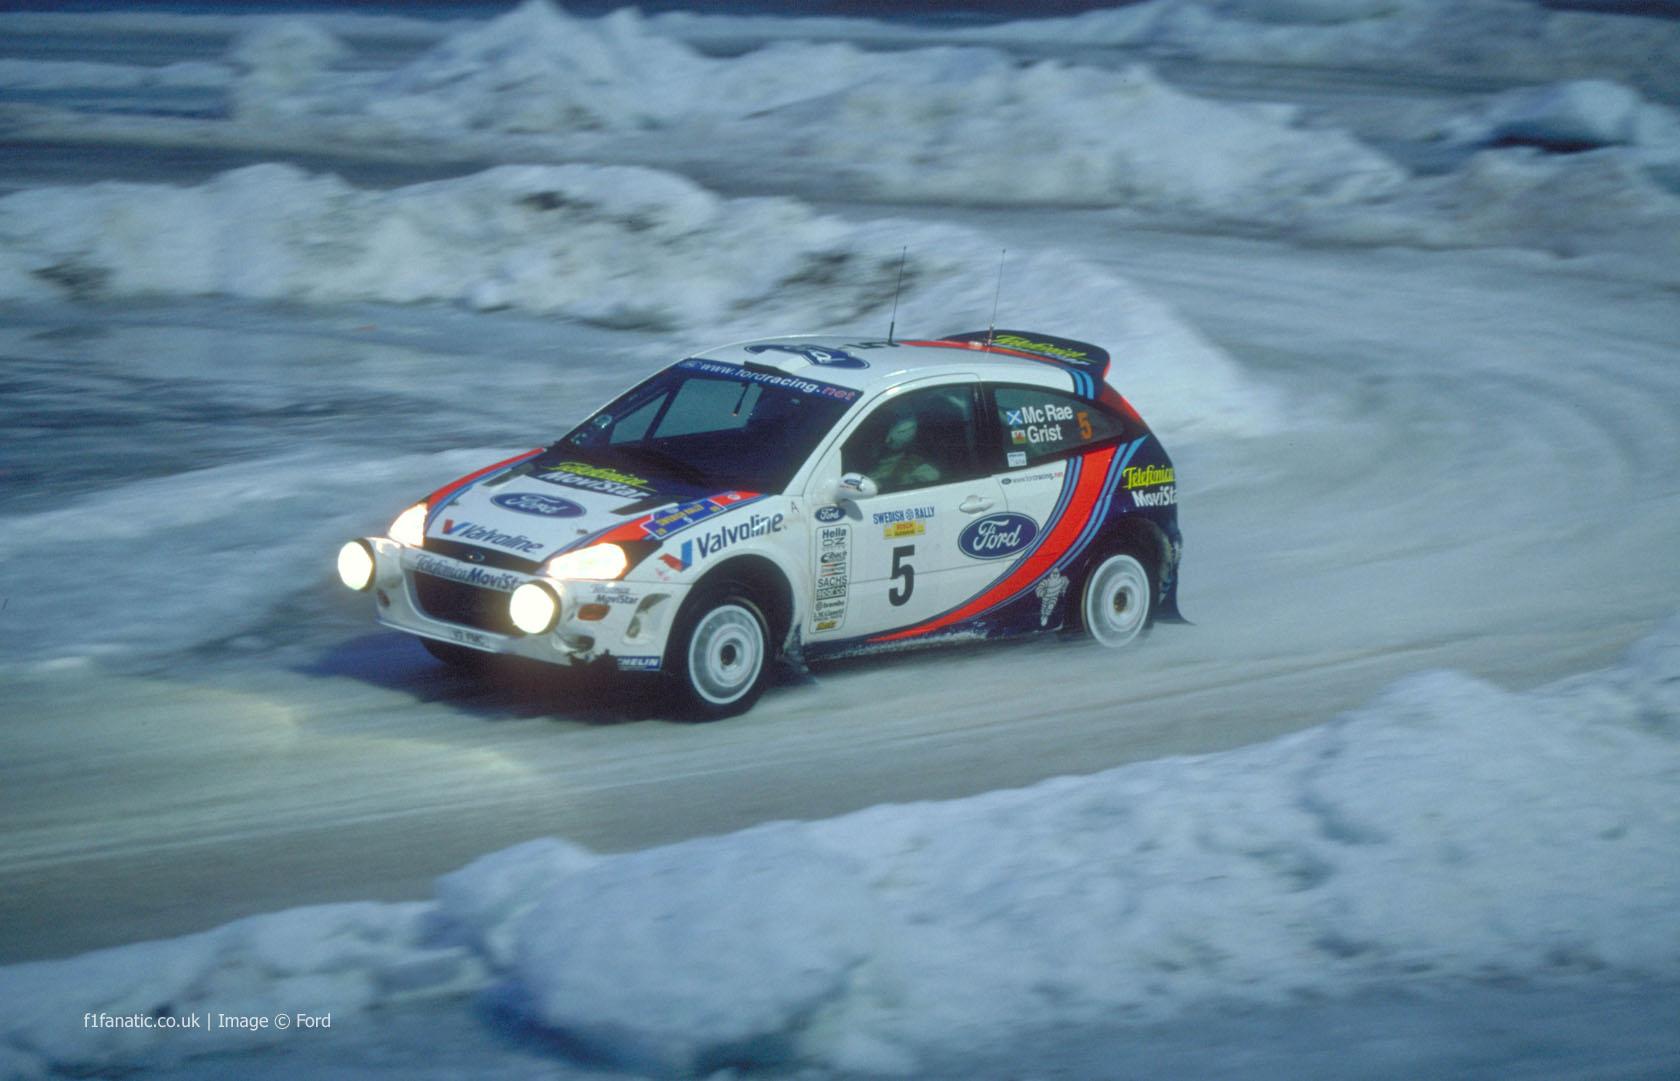 Ford Focus WRC, Sweden, 2000